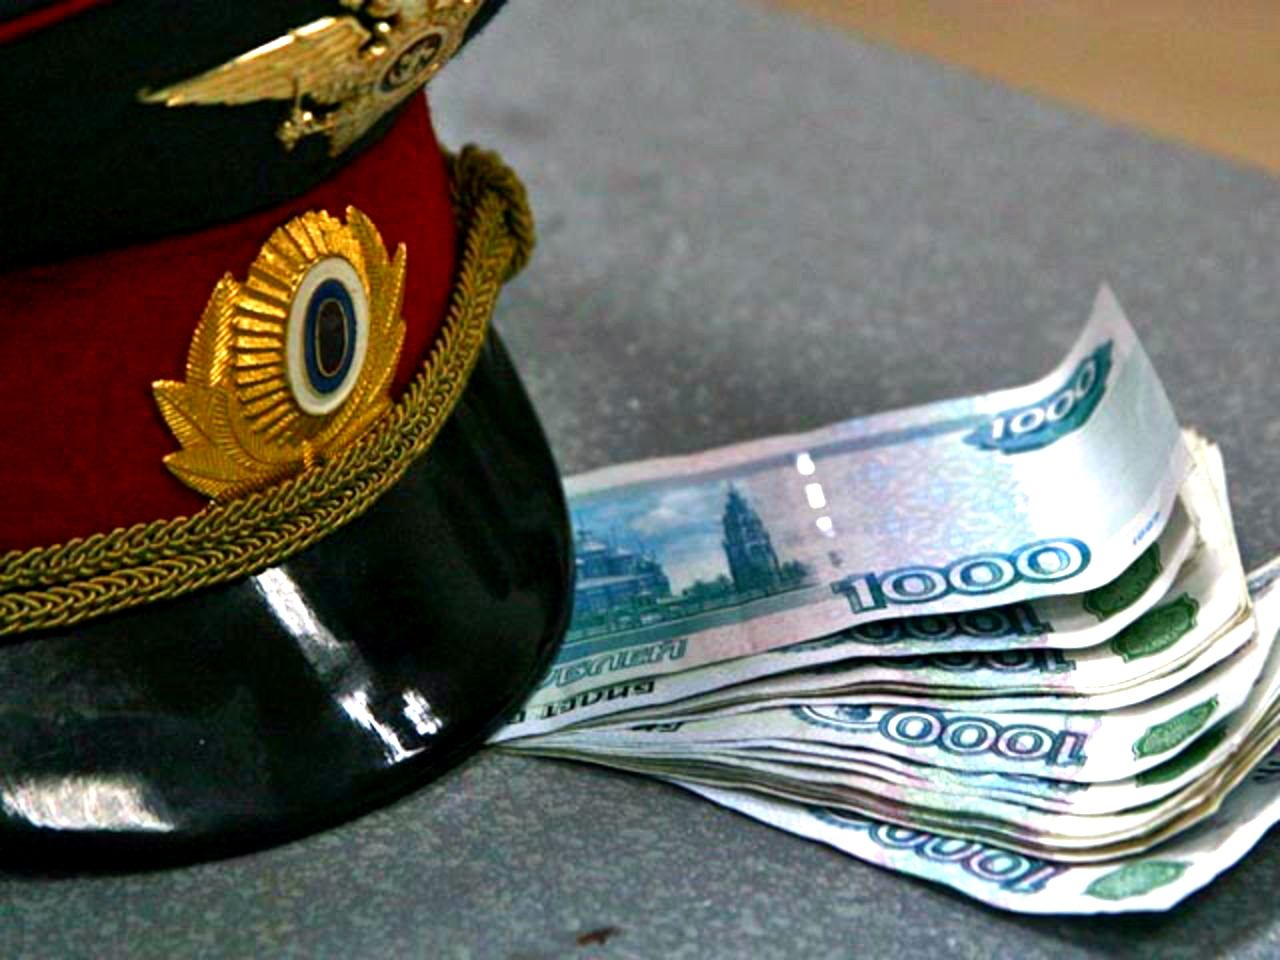 ВПятигорске участковый полицейский подозревается вполучении взятки